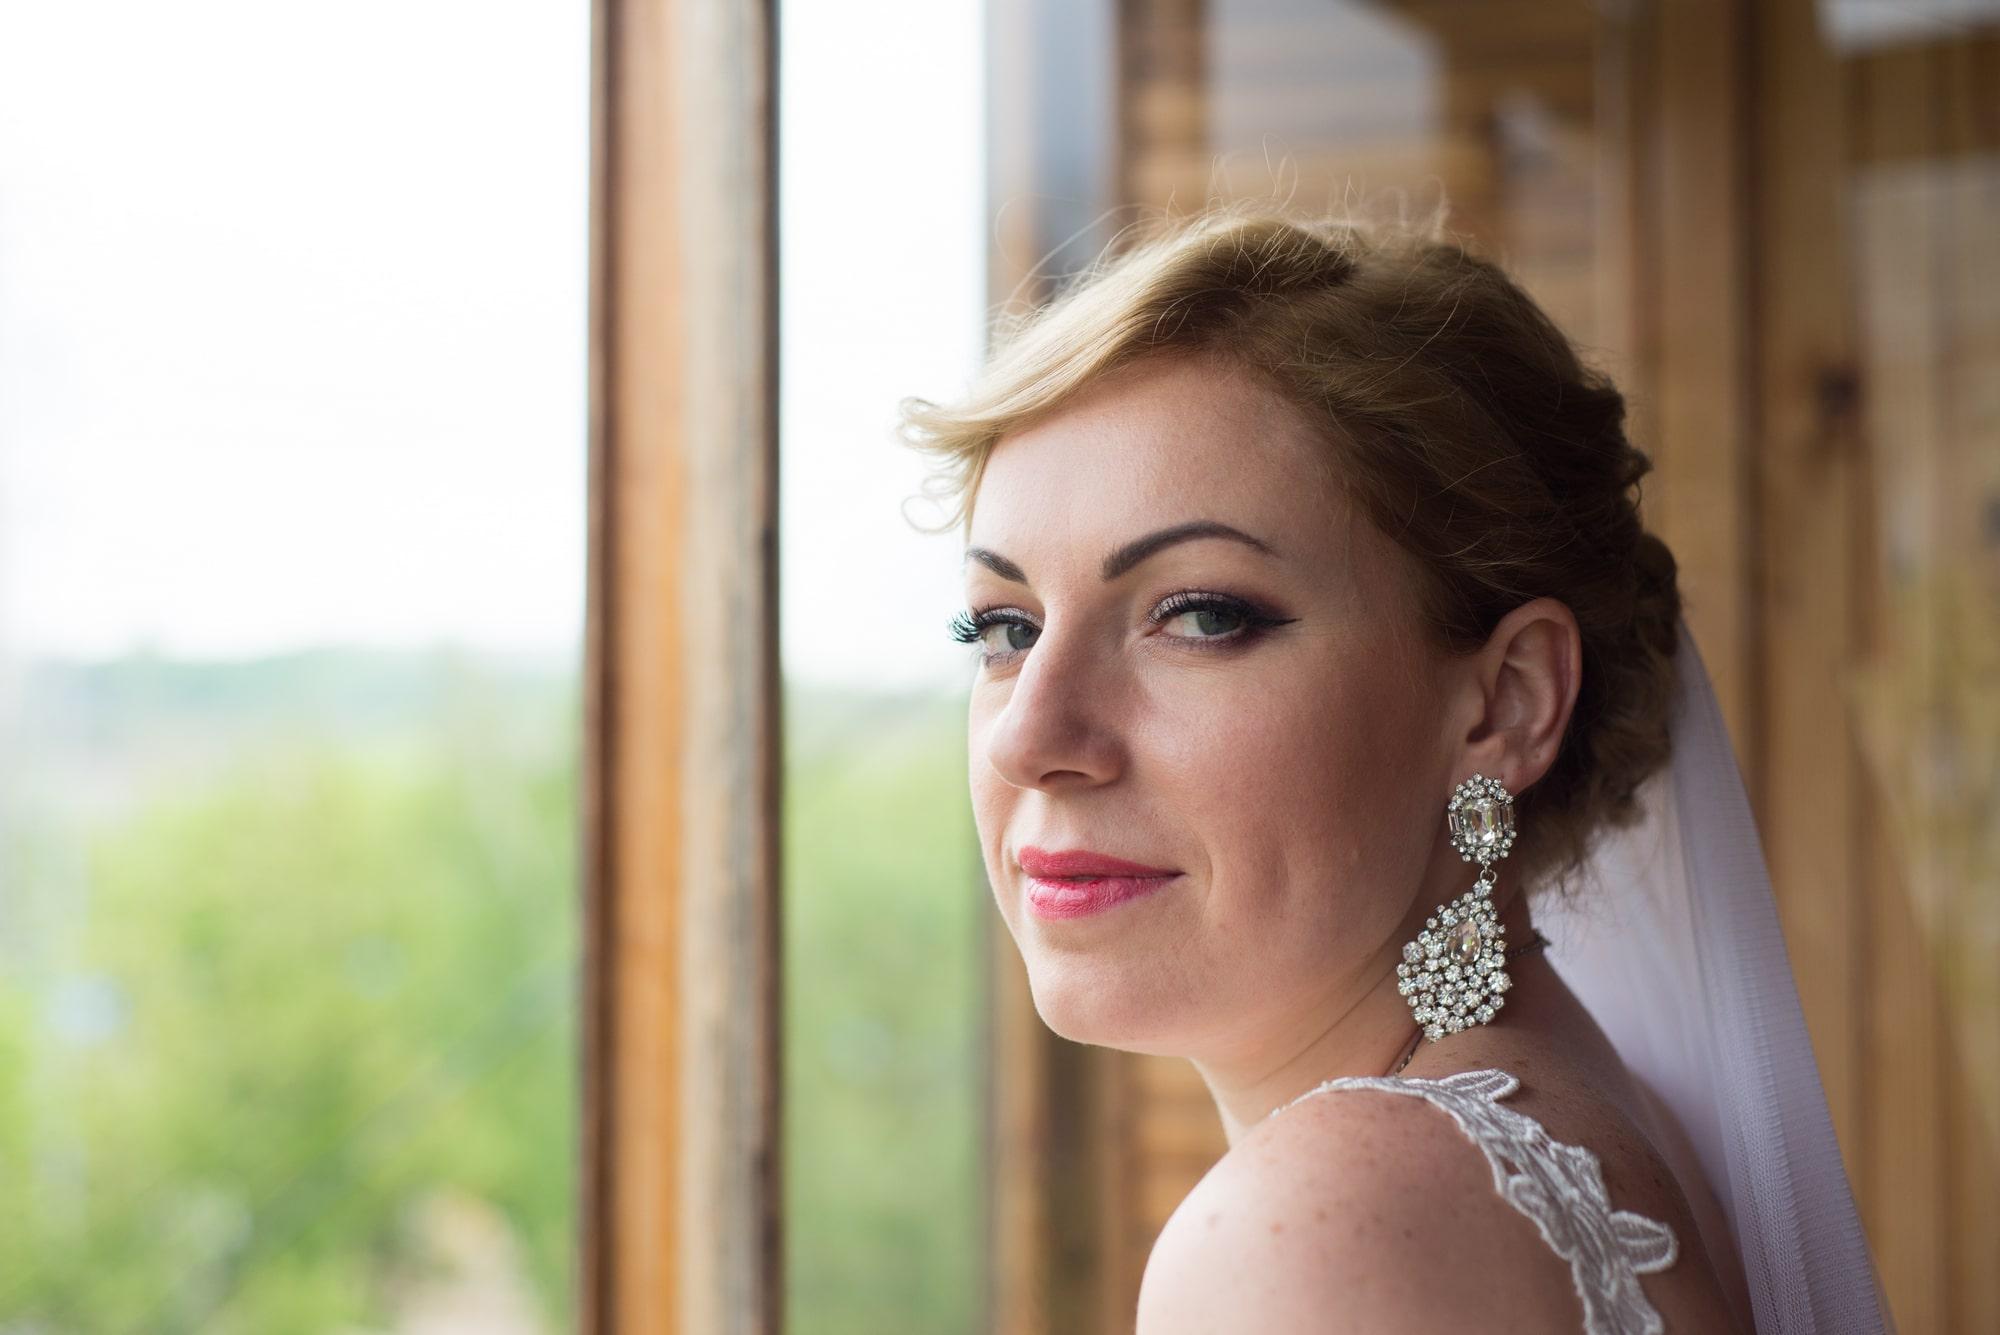 Невеста на балконе высматривает жениха - Фотограф Женя Лайт